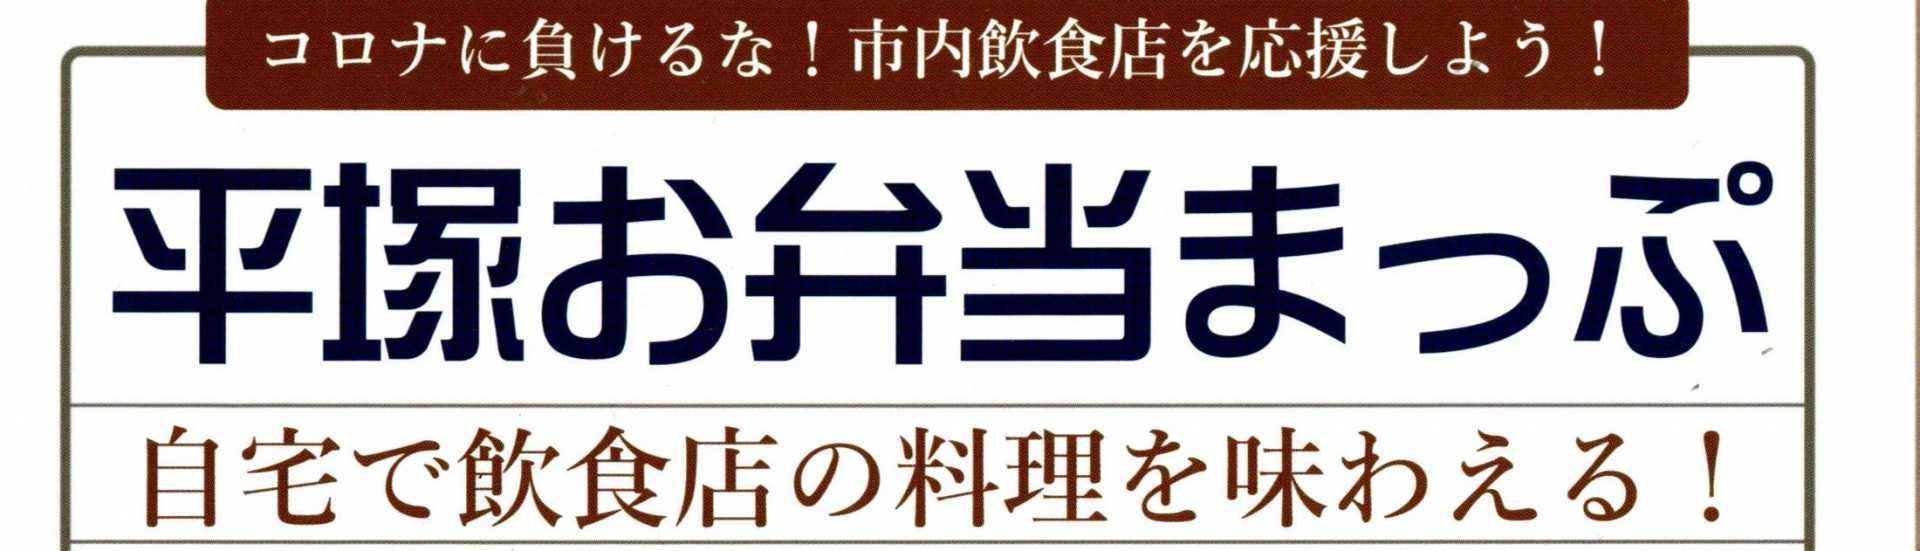 平塚 市 コロナ 感染 人数